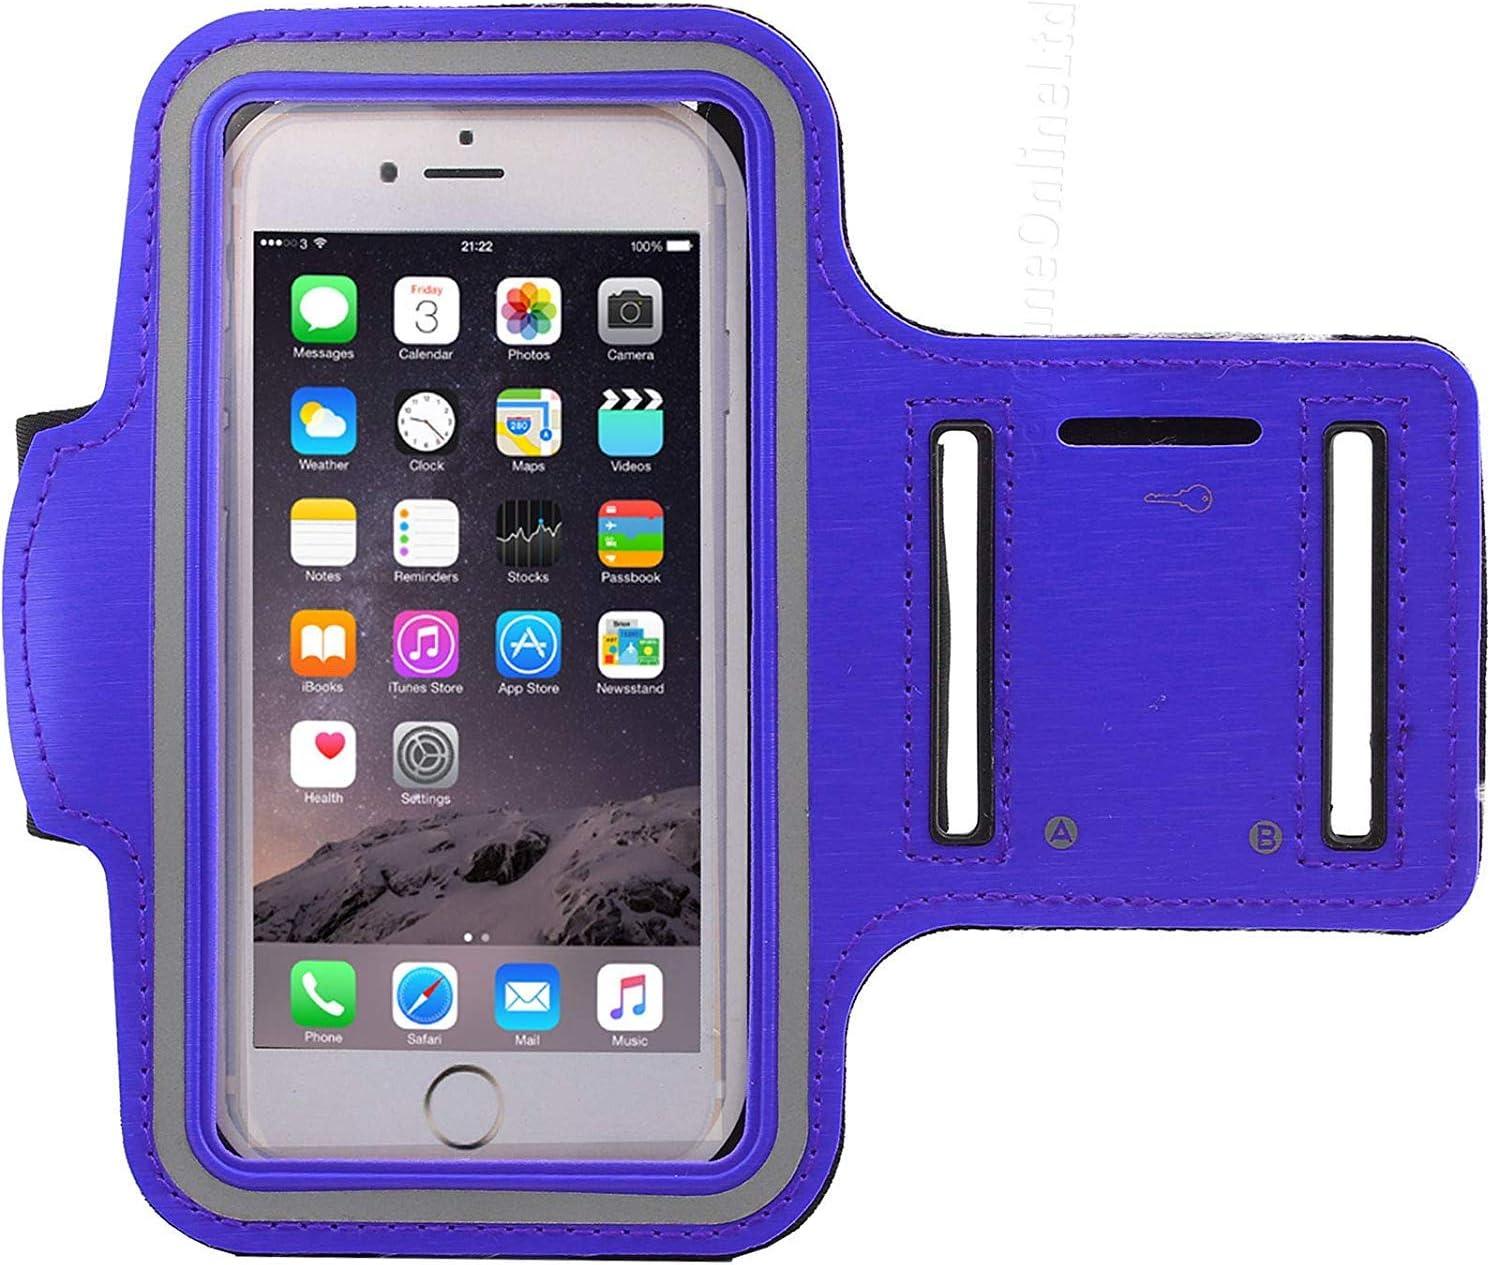 Universel Portable Support Sueur Resistant Course Sport Musculation Gym Brassard pour Samsung Galaxy A10 ou Tout /Écran Entre 6.0-6.3 Pouce DOT Porte-Cl/és Bleu Sangle R/églable